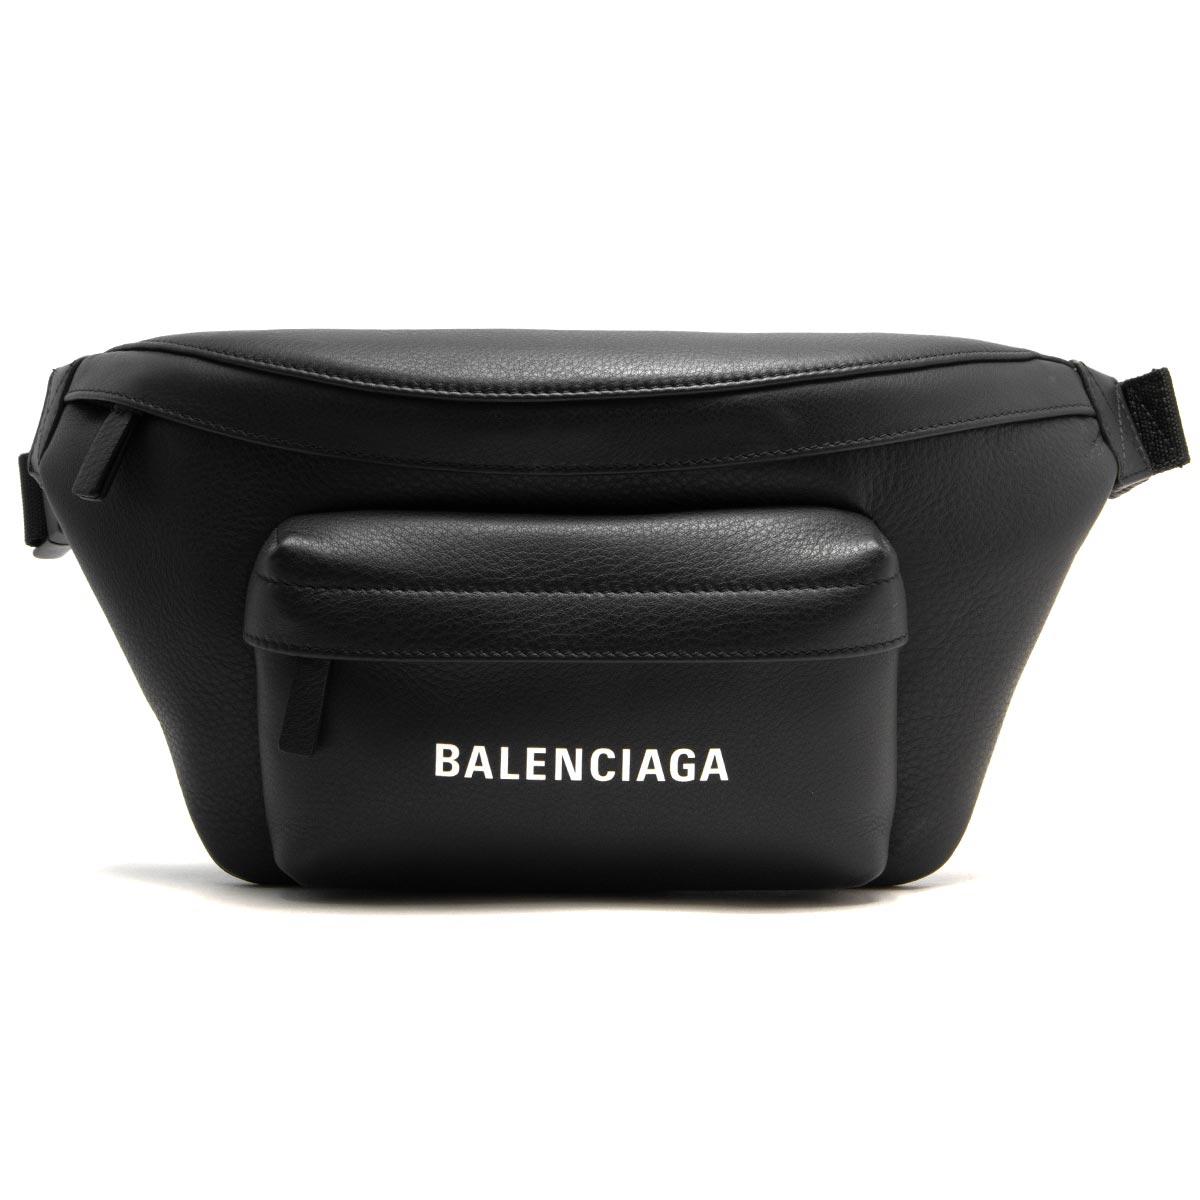 男女兼用バッグ, ボディバッグ・ウエストポーチ  552375 DLQ4N 1000 2019 BALENCIAGA